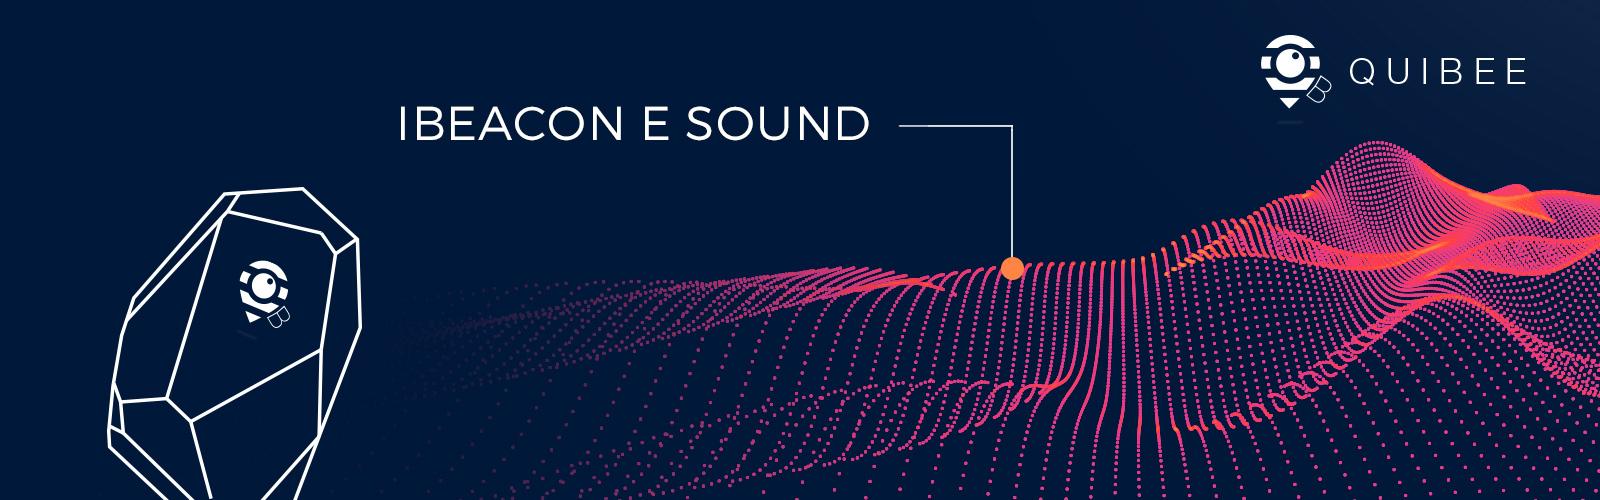 I cinque sensi del proximity: l'udito